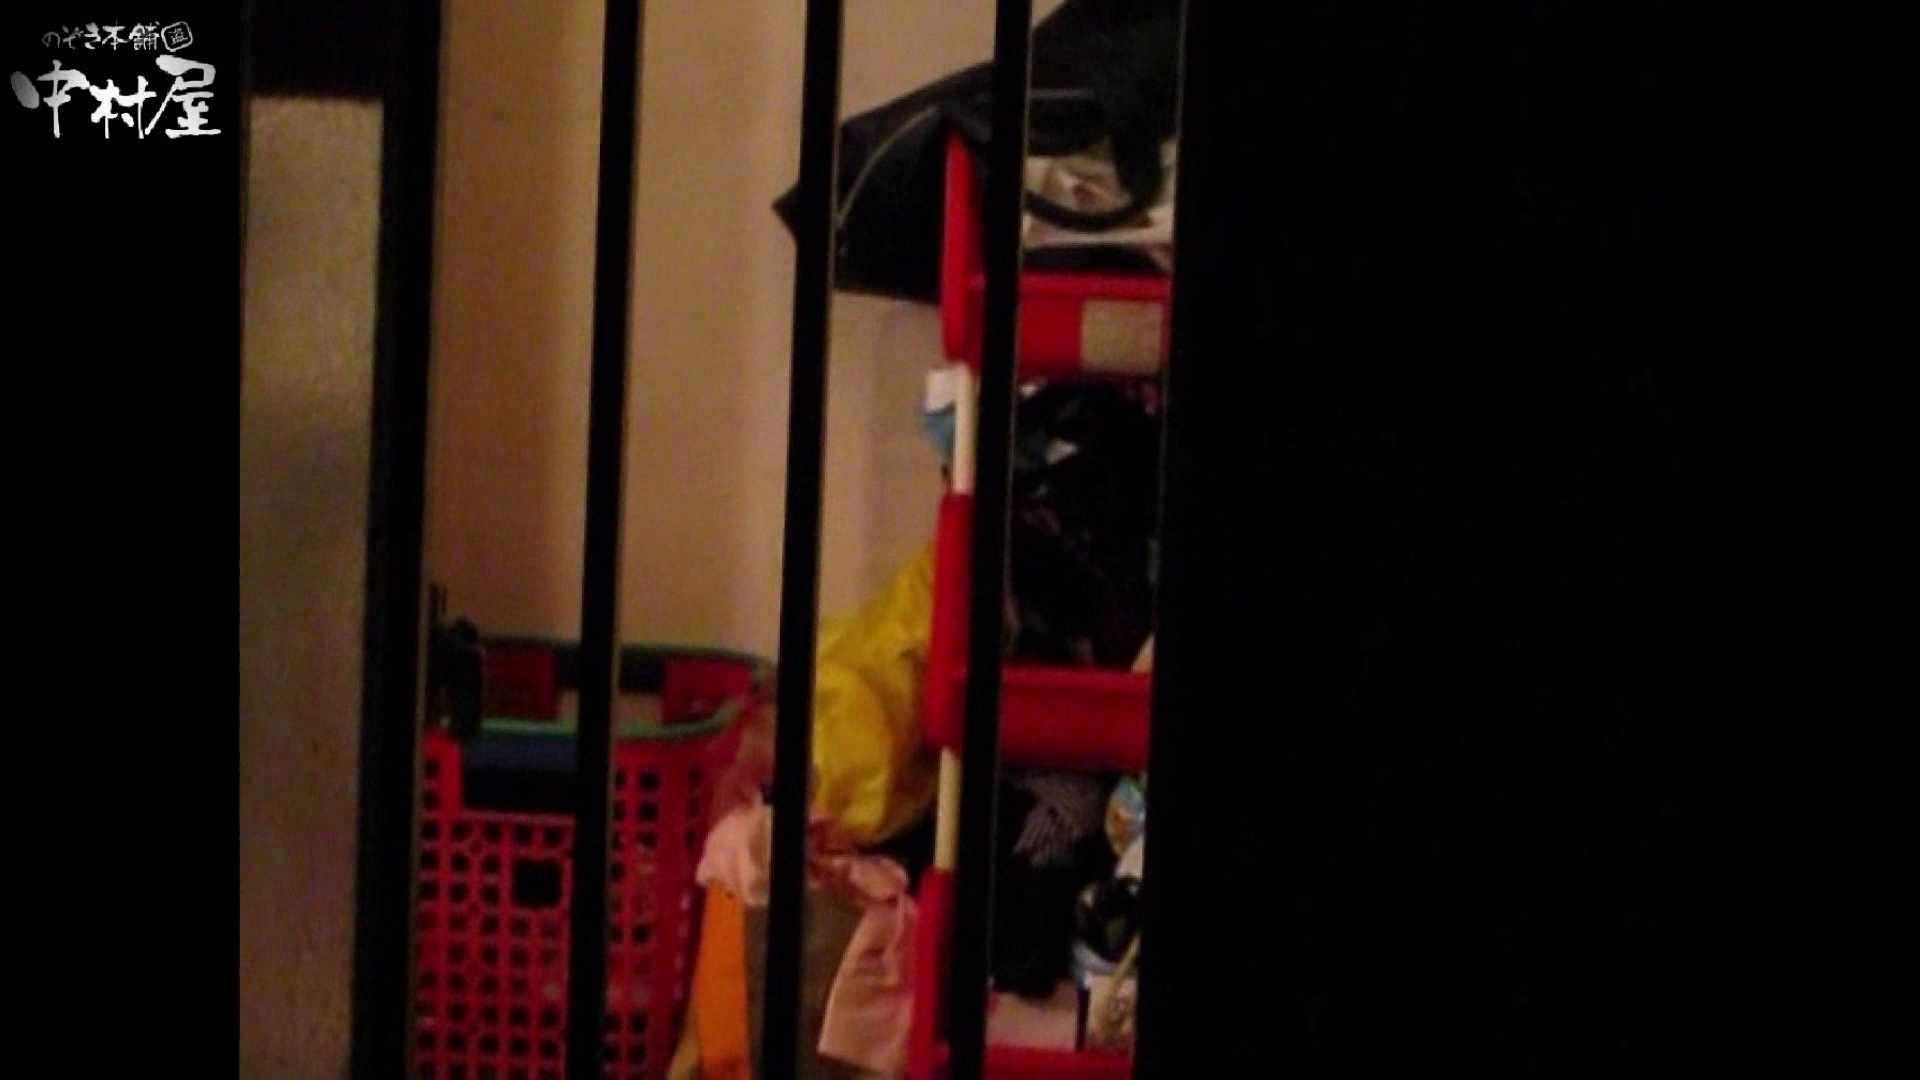 民家風呂専門盗撮師の超危険映像 vol.003 美女まとめ セックス無修正動画無料 76PIX 37